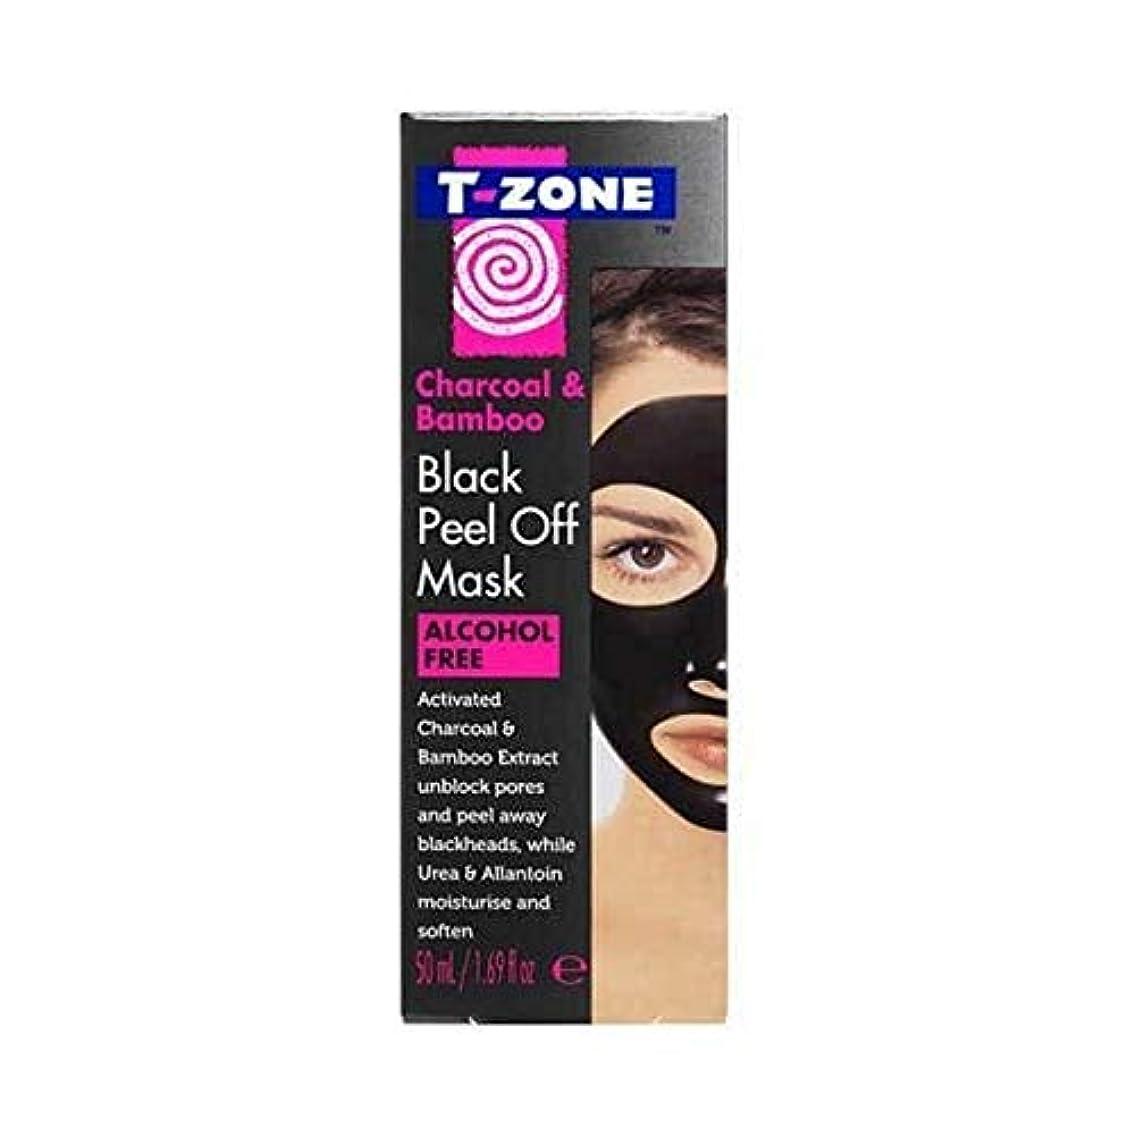 またはどちらかヨーロッパハイキングに行く[T-Zone] Tゾーン木炭&竹ブラックマスク50ミリリットルを剥がし - T-Zone Charcoal & Bamboo Black Peel Off Mask 50ml [並行輸入品]